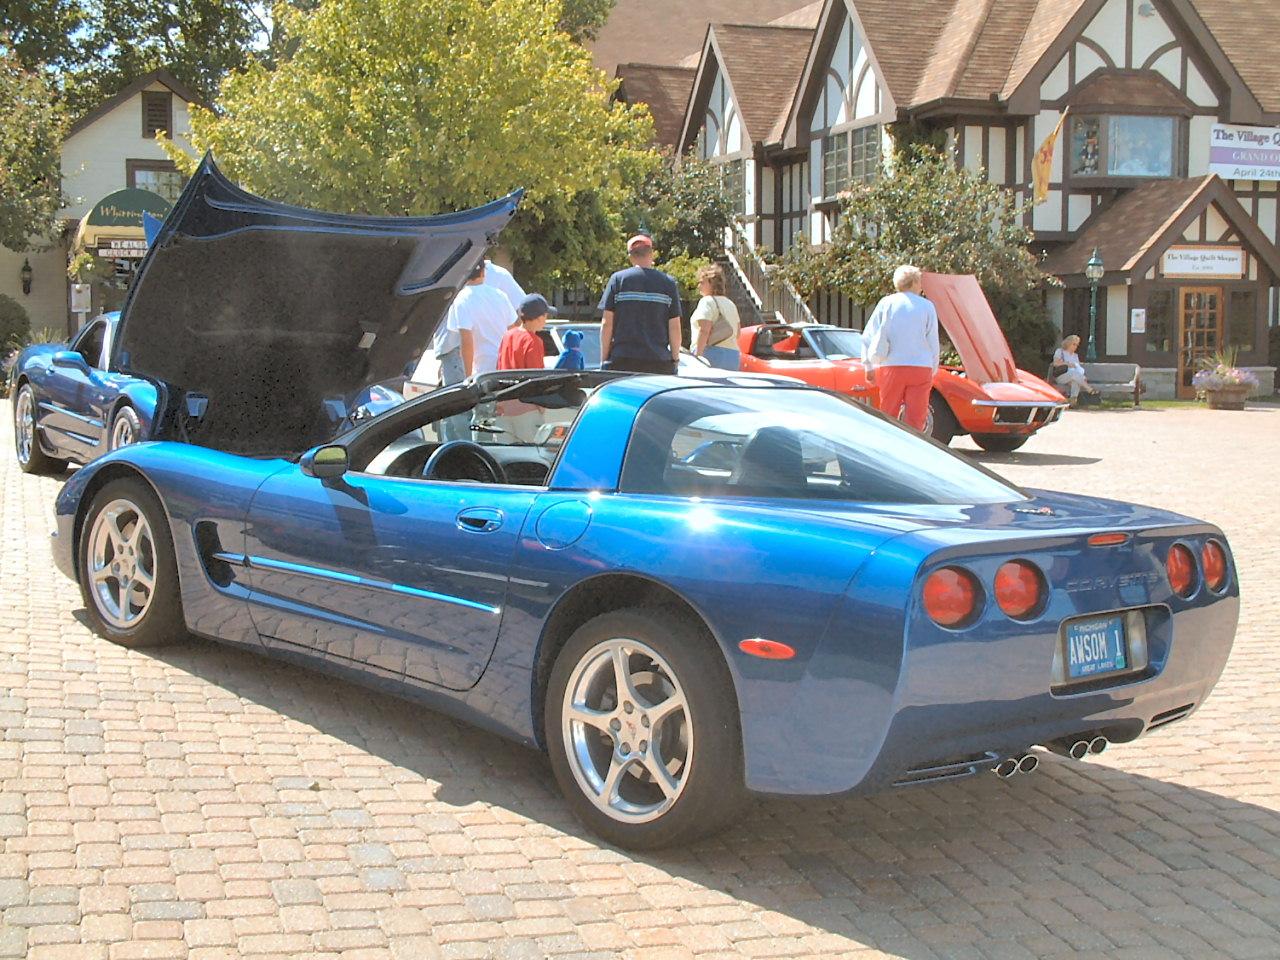 2002 Chevrolet Corvette Coupe Electron Blue Rvl Canterbury Village Car Show F